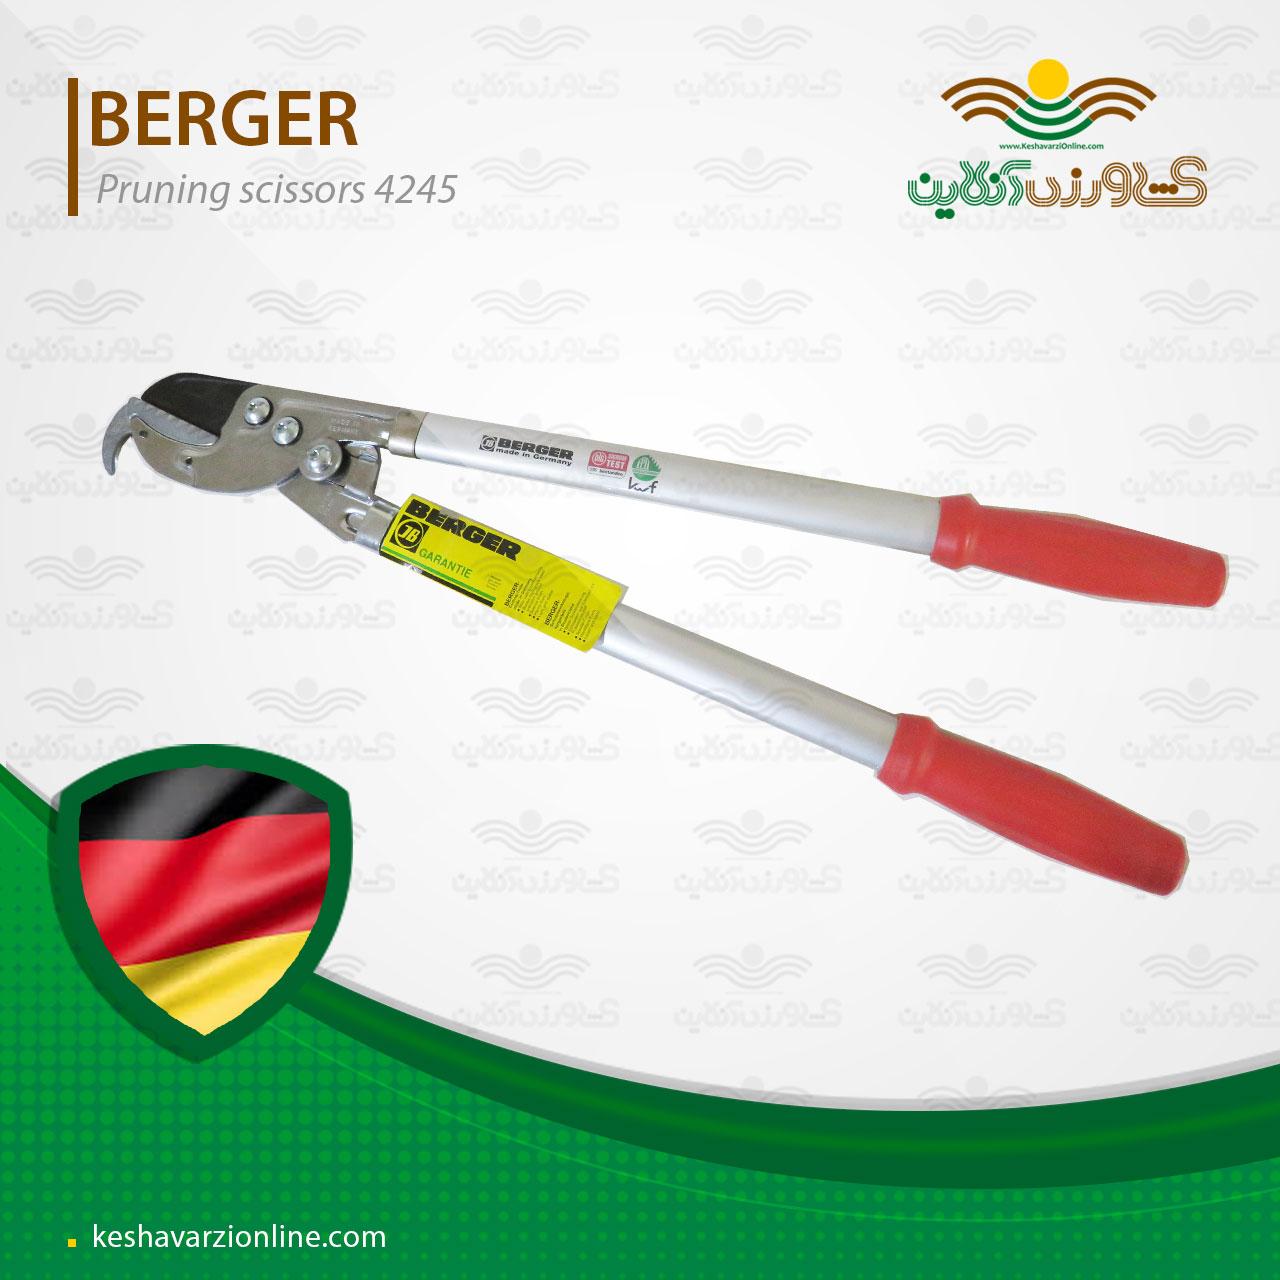 قیچی شاخه زن برگر آلمان 4245